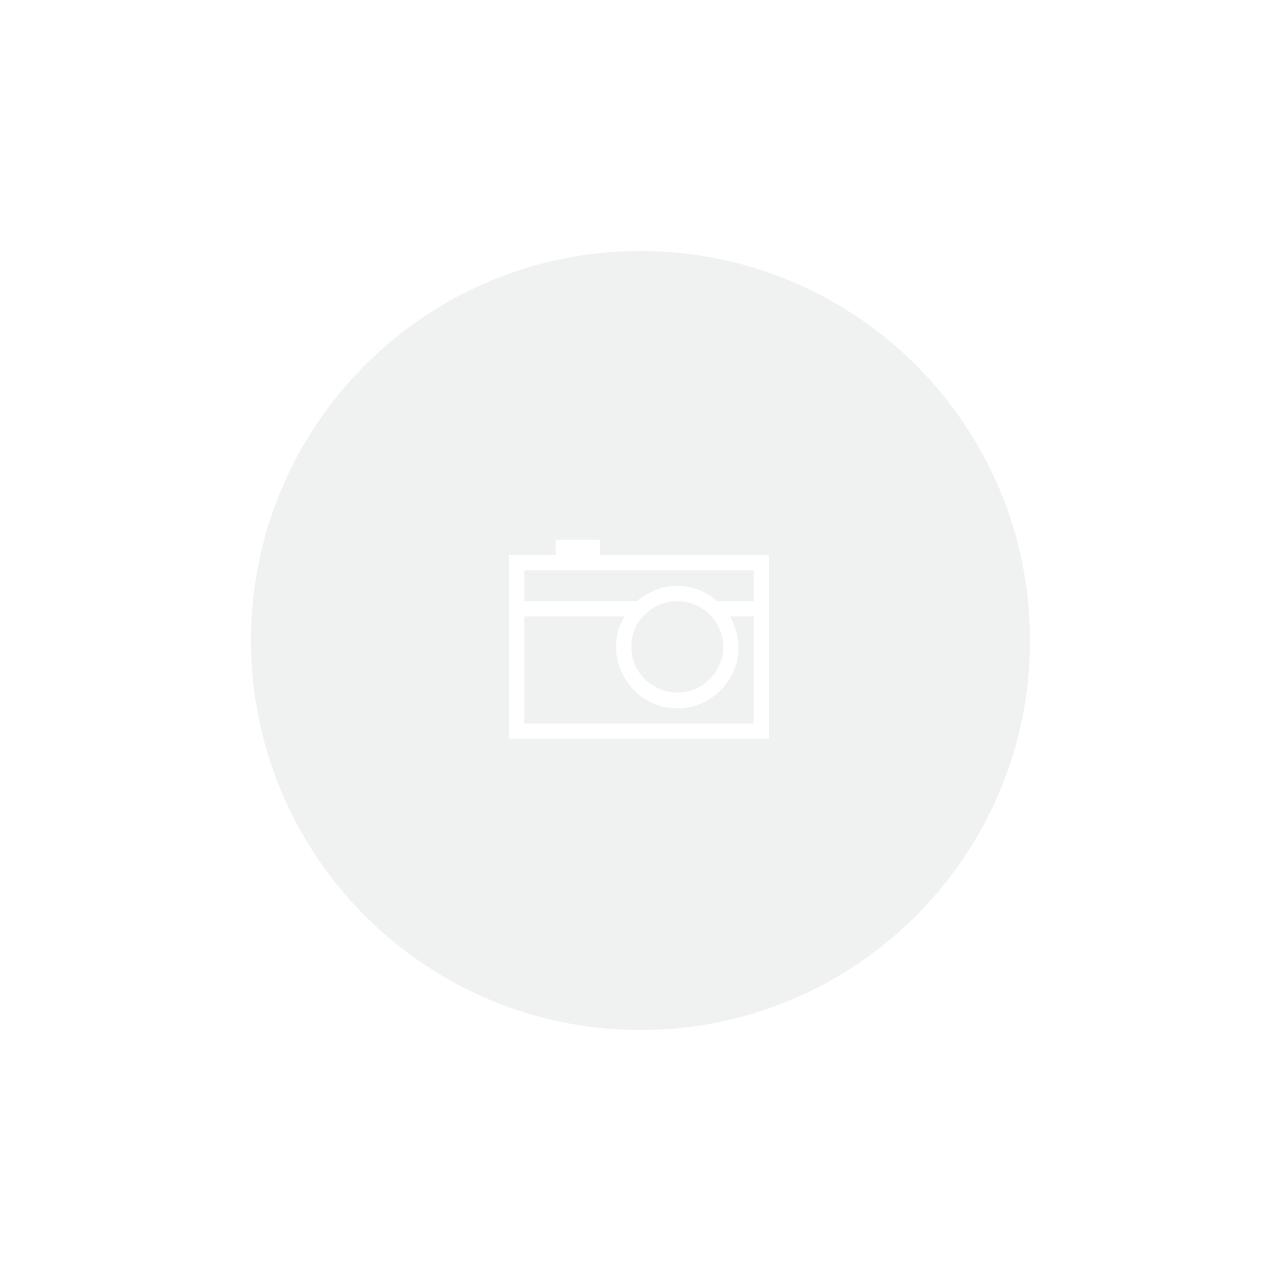 Conjunto de Talheres 36 Peças Ipanema Purpura Tramontina